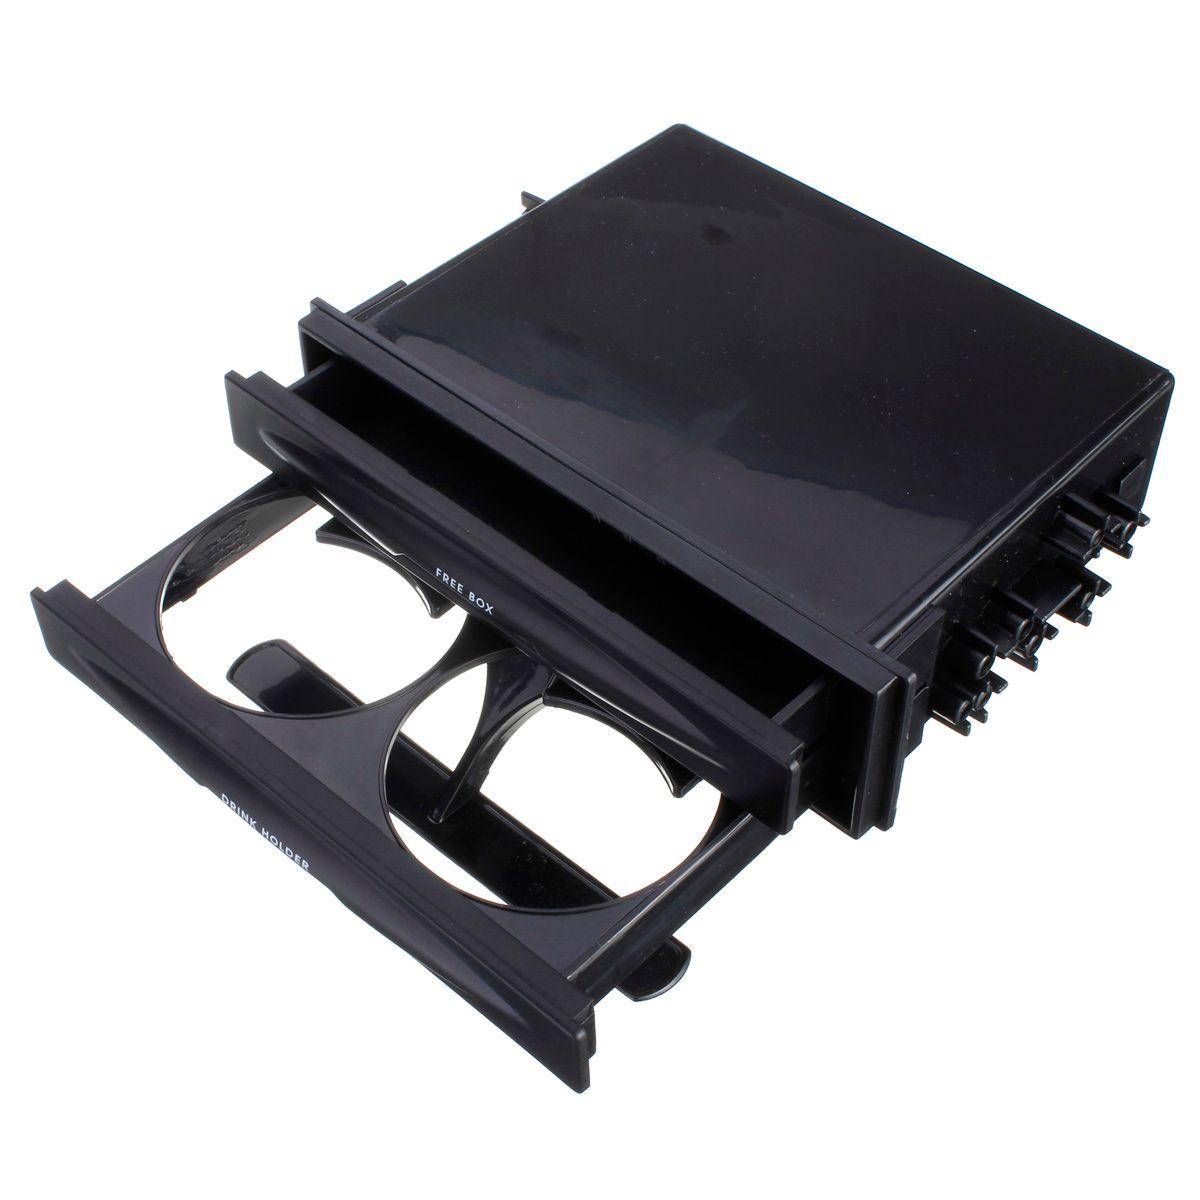 Новые Универсальный Авто Пластик двойной din Радио комплект для карман напиток-подстаканник и ящик для хранения